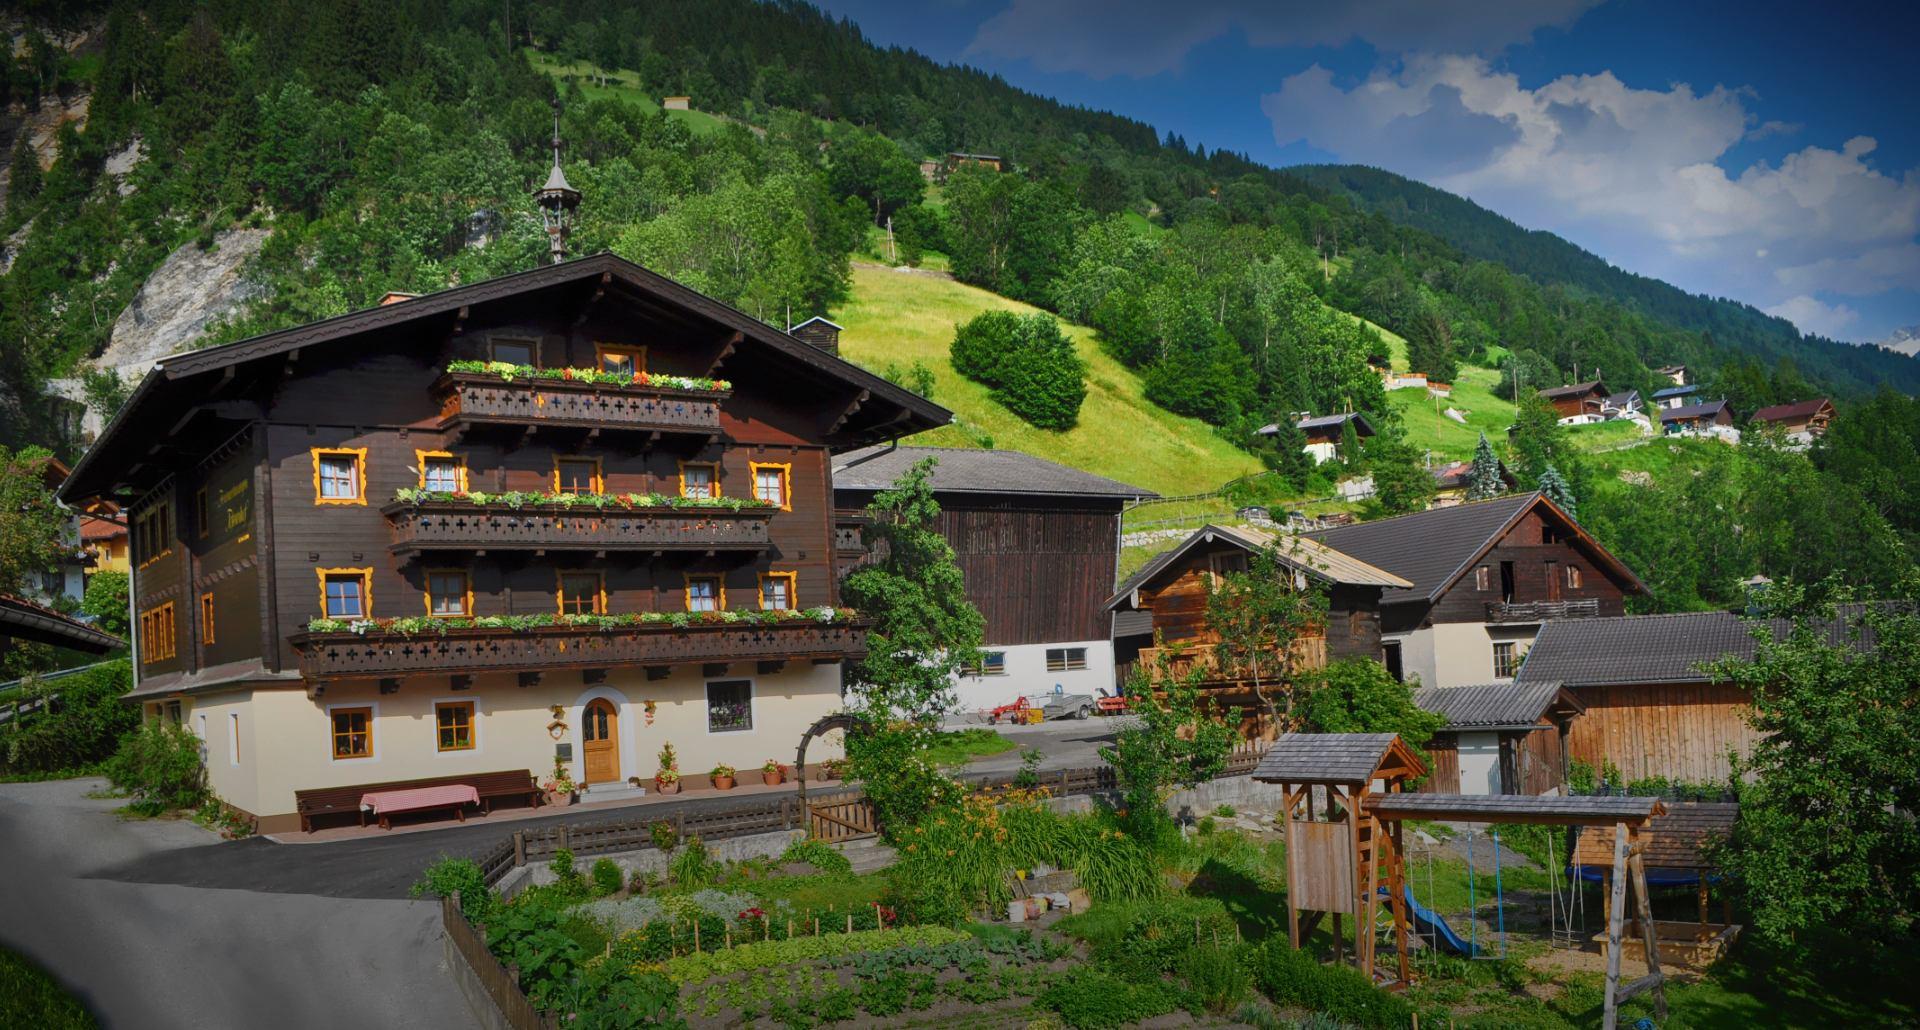 Urlaub am Bauernhof in Bad Gastein - Tofererhof